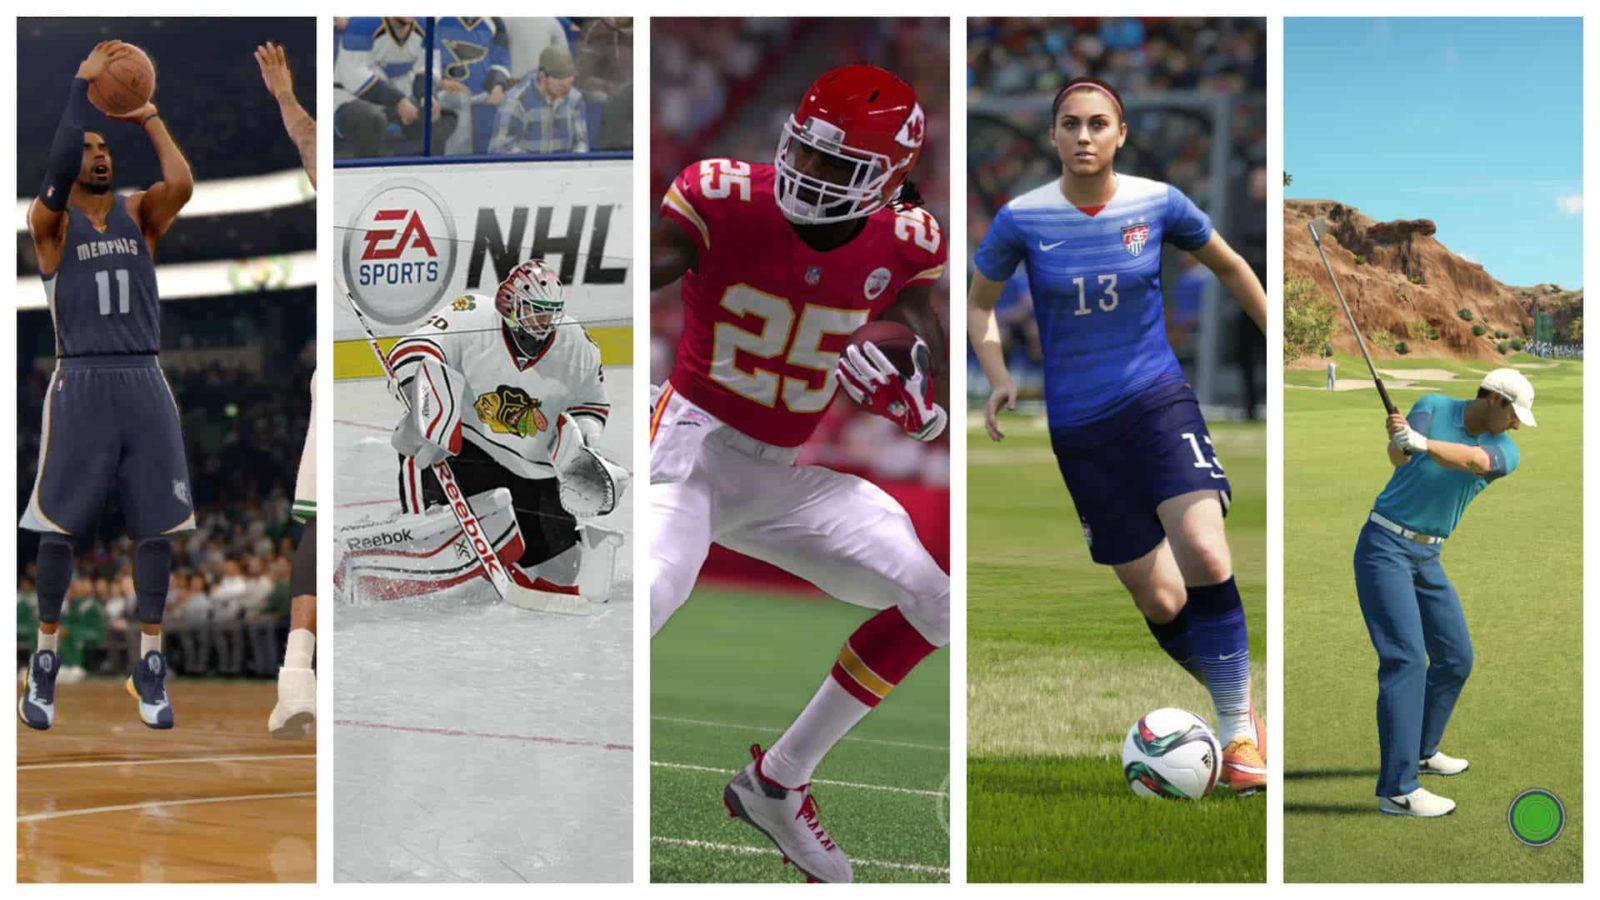 EA_Sports_E32015